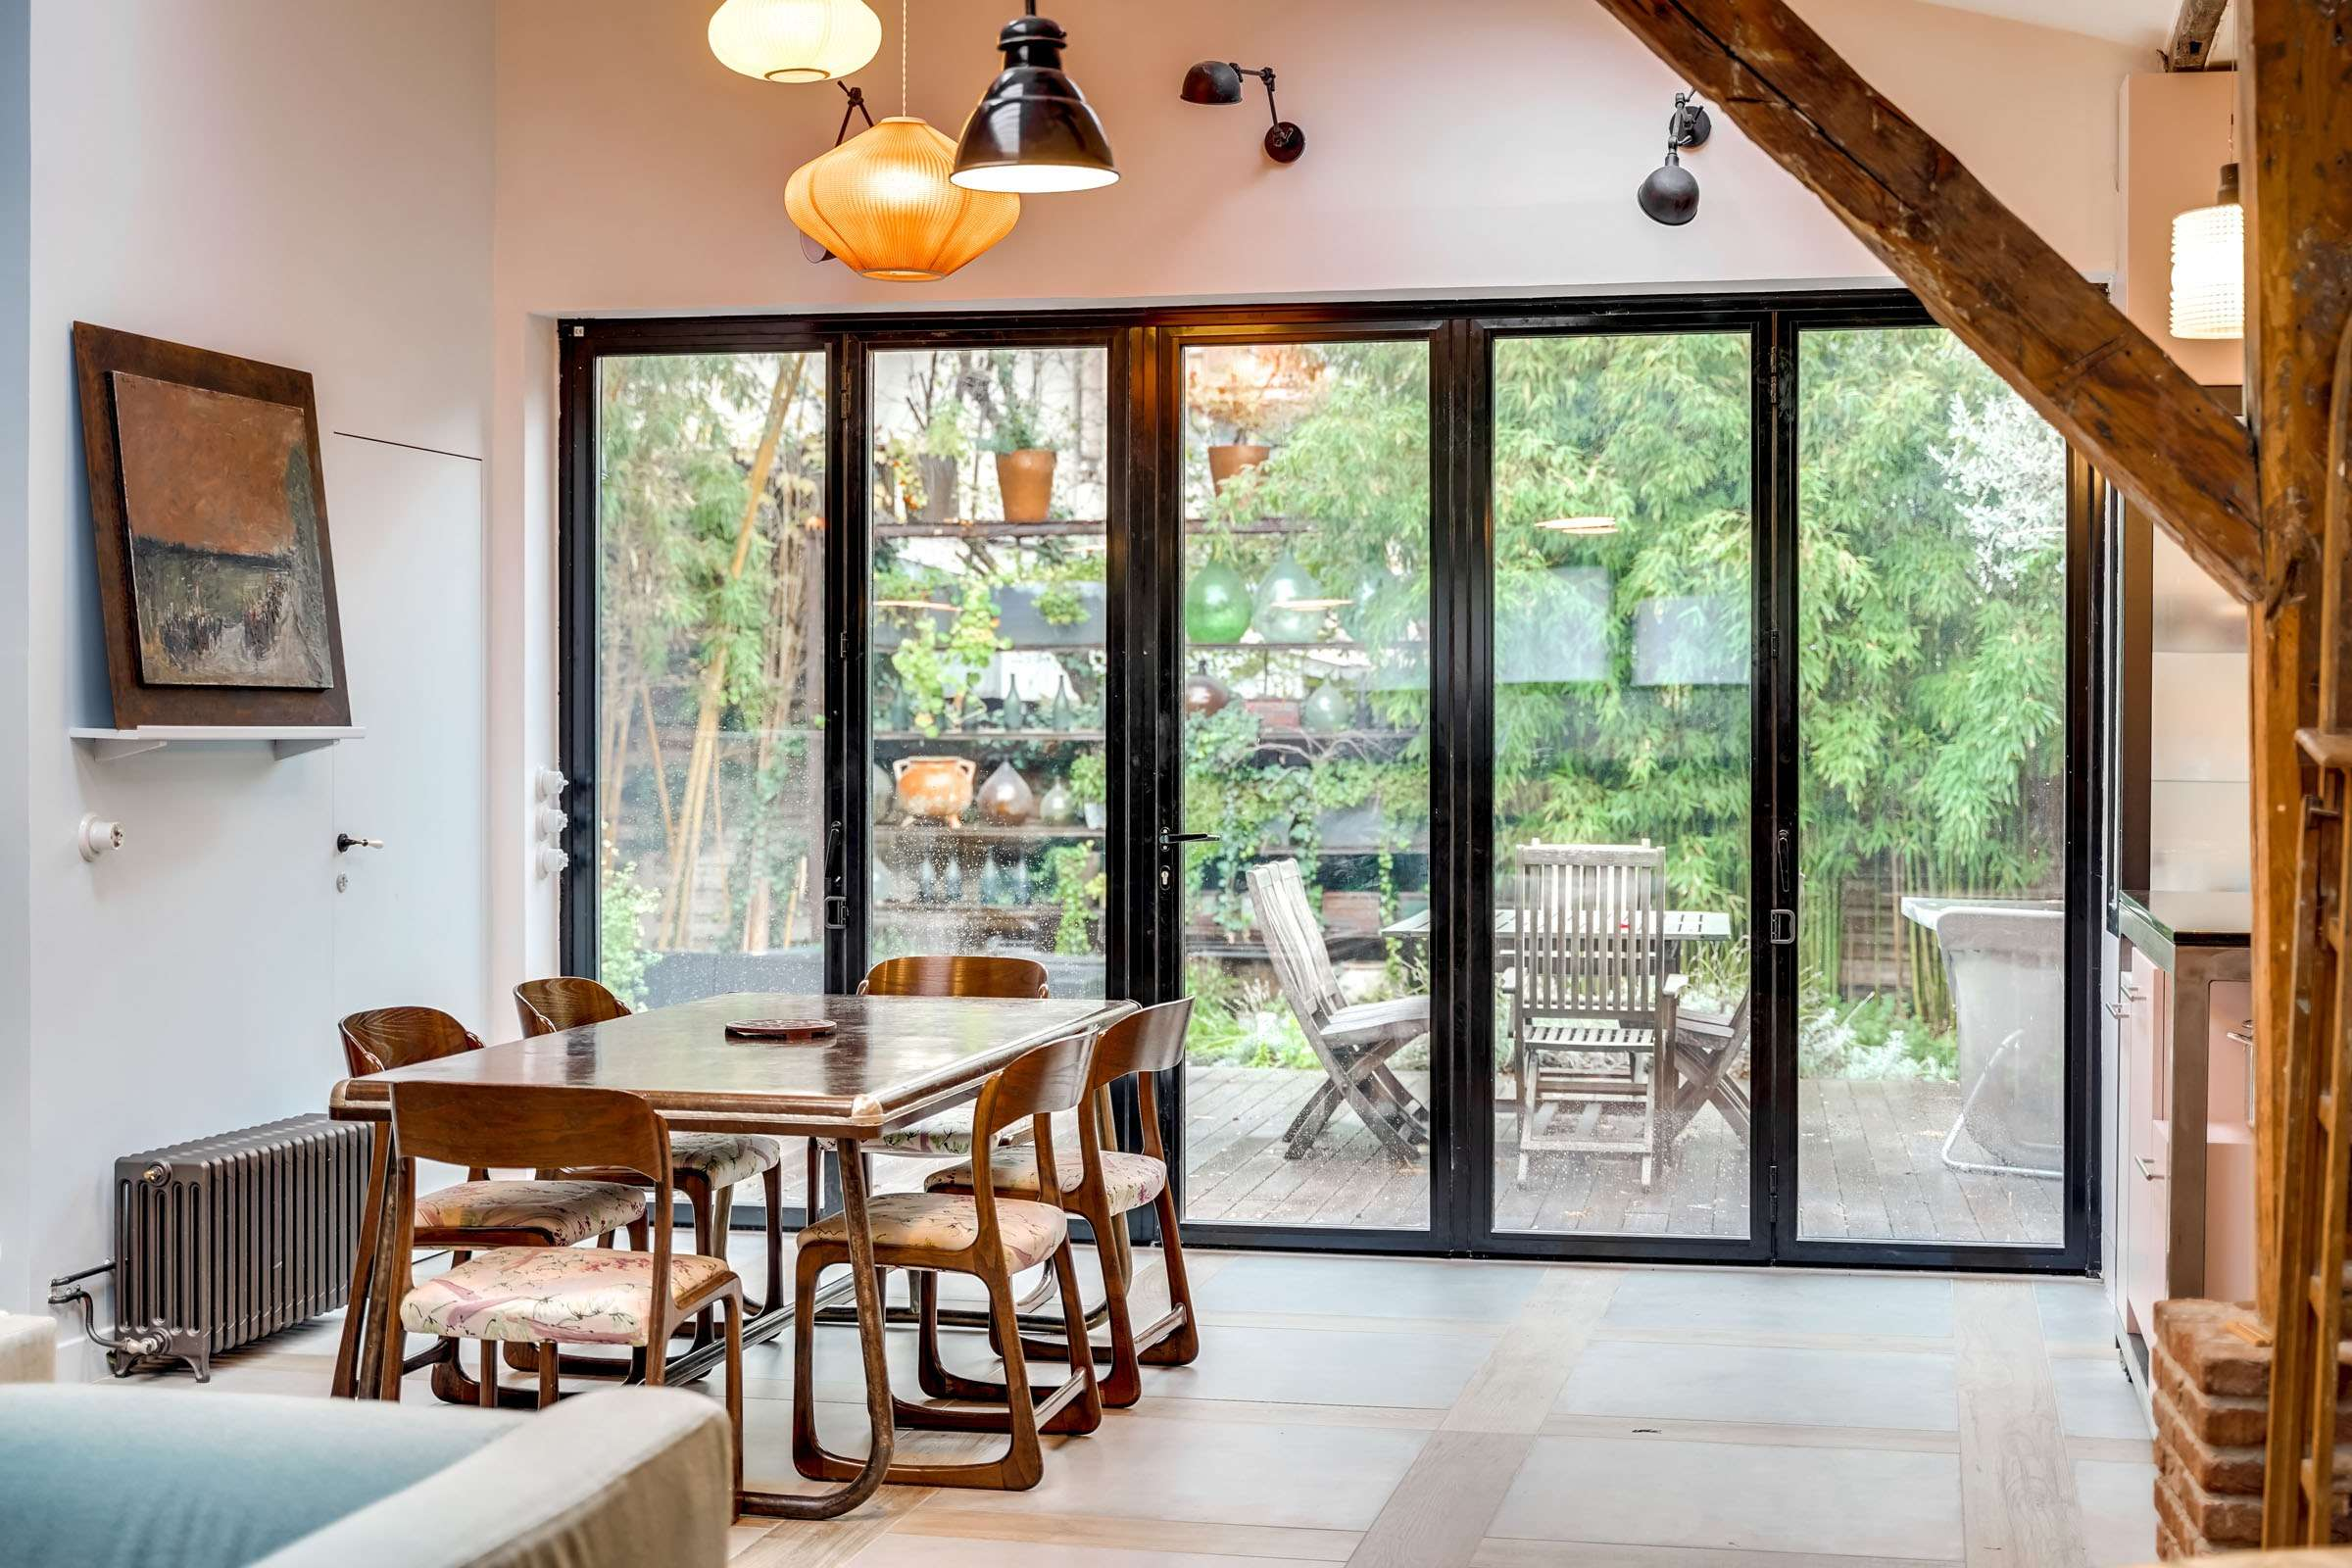 Création d'une grande ouverture sur le jardin et Rénovation d'une cuisine